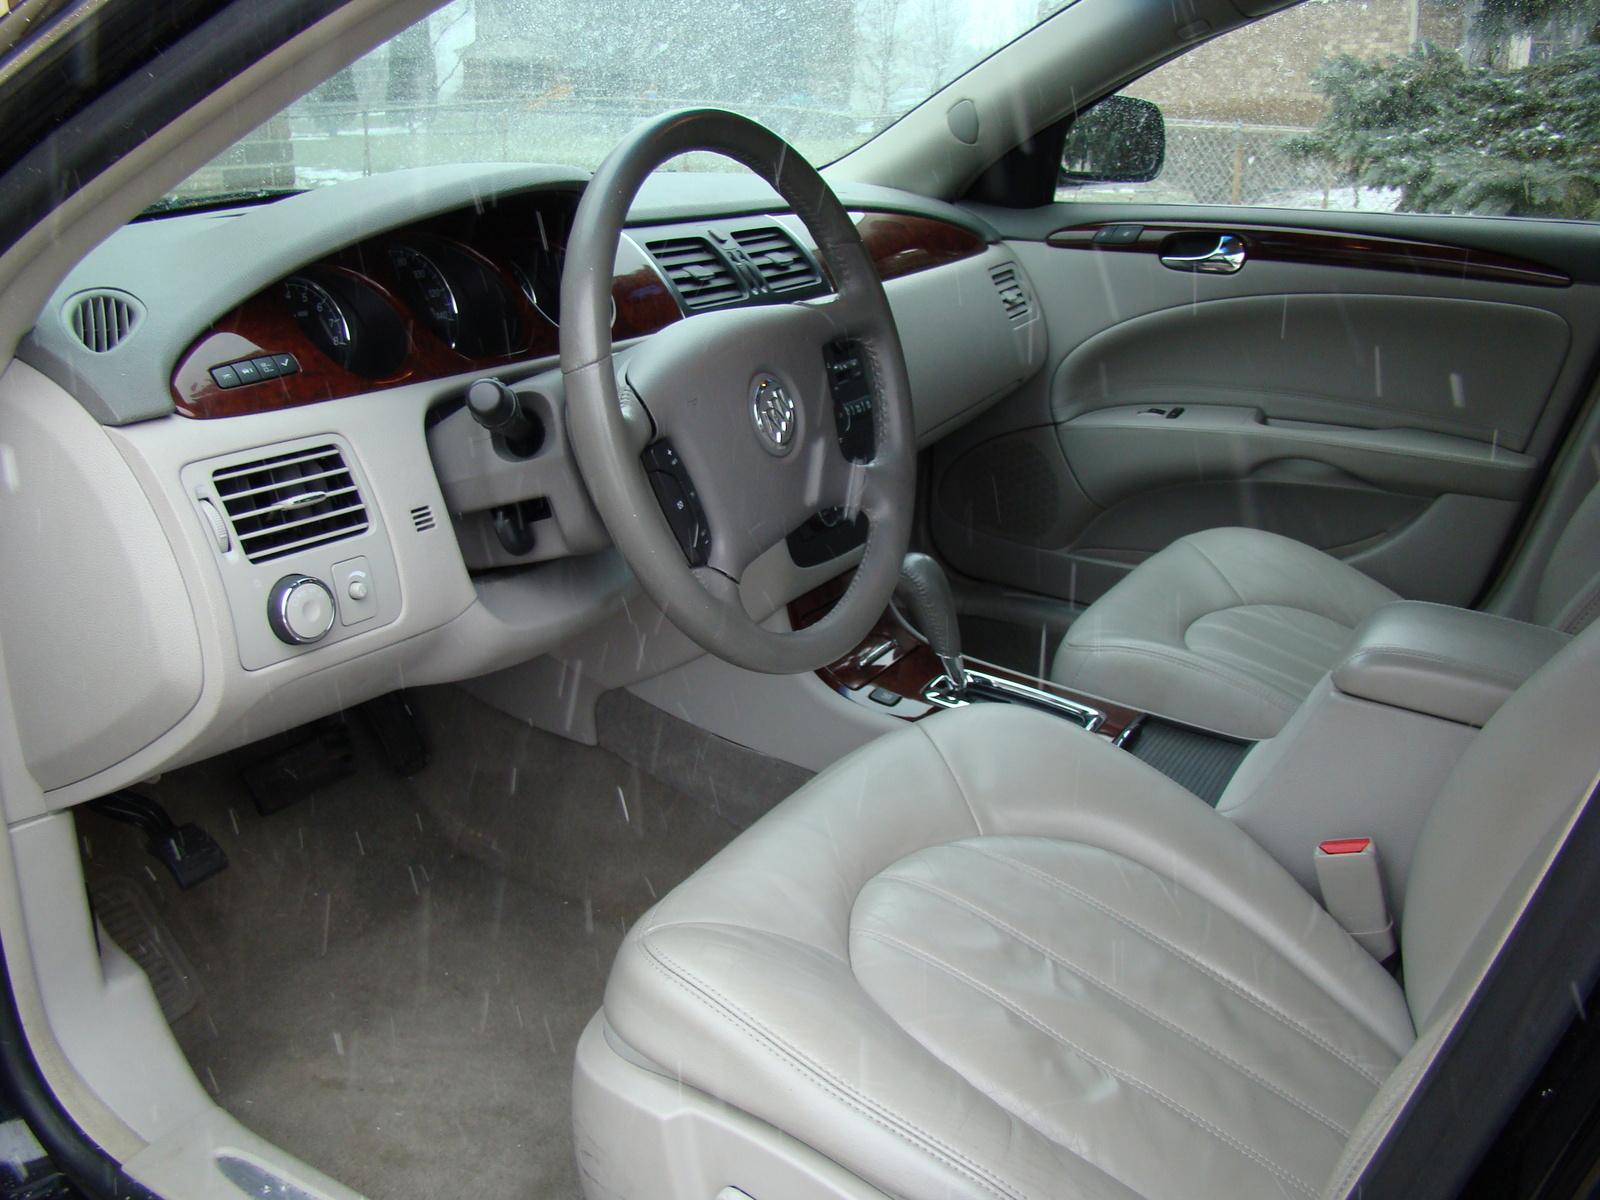 2010 Buick Lucerne Specs >> 2006 Buick Lucerne - Interior Pictures - CarGurus